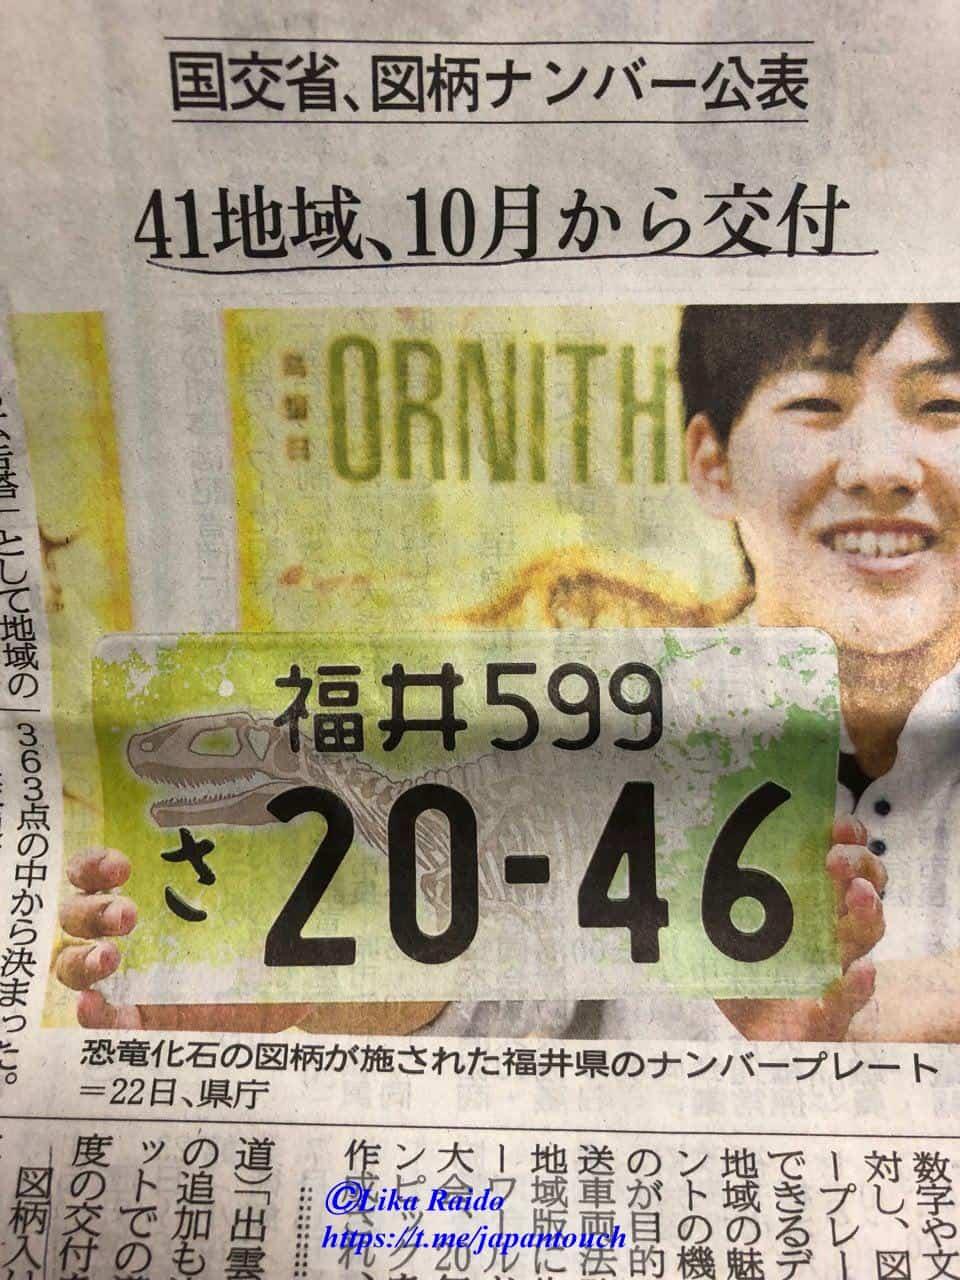 Необычные номерные знаки в Японии появятся в октябре.